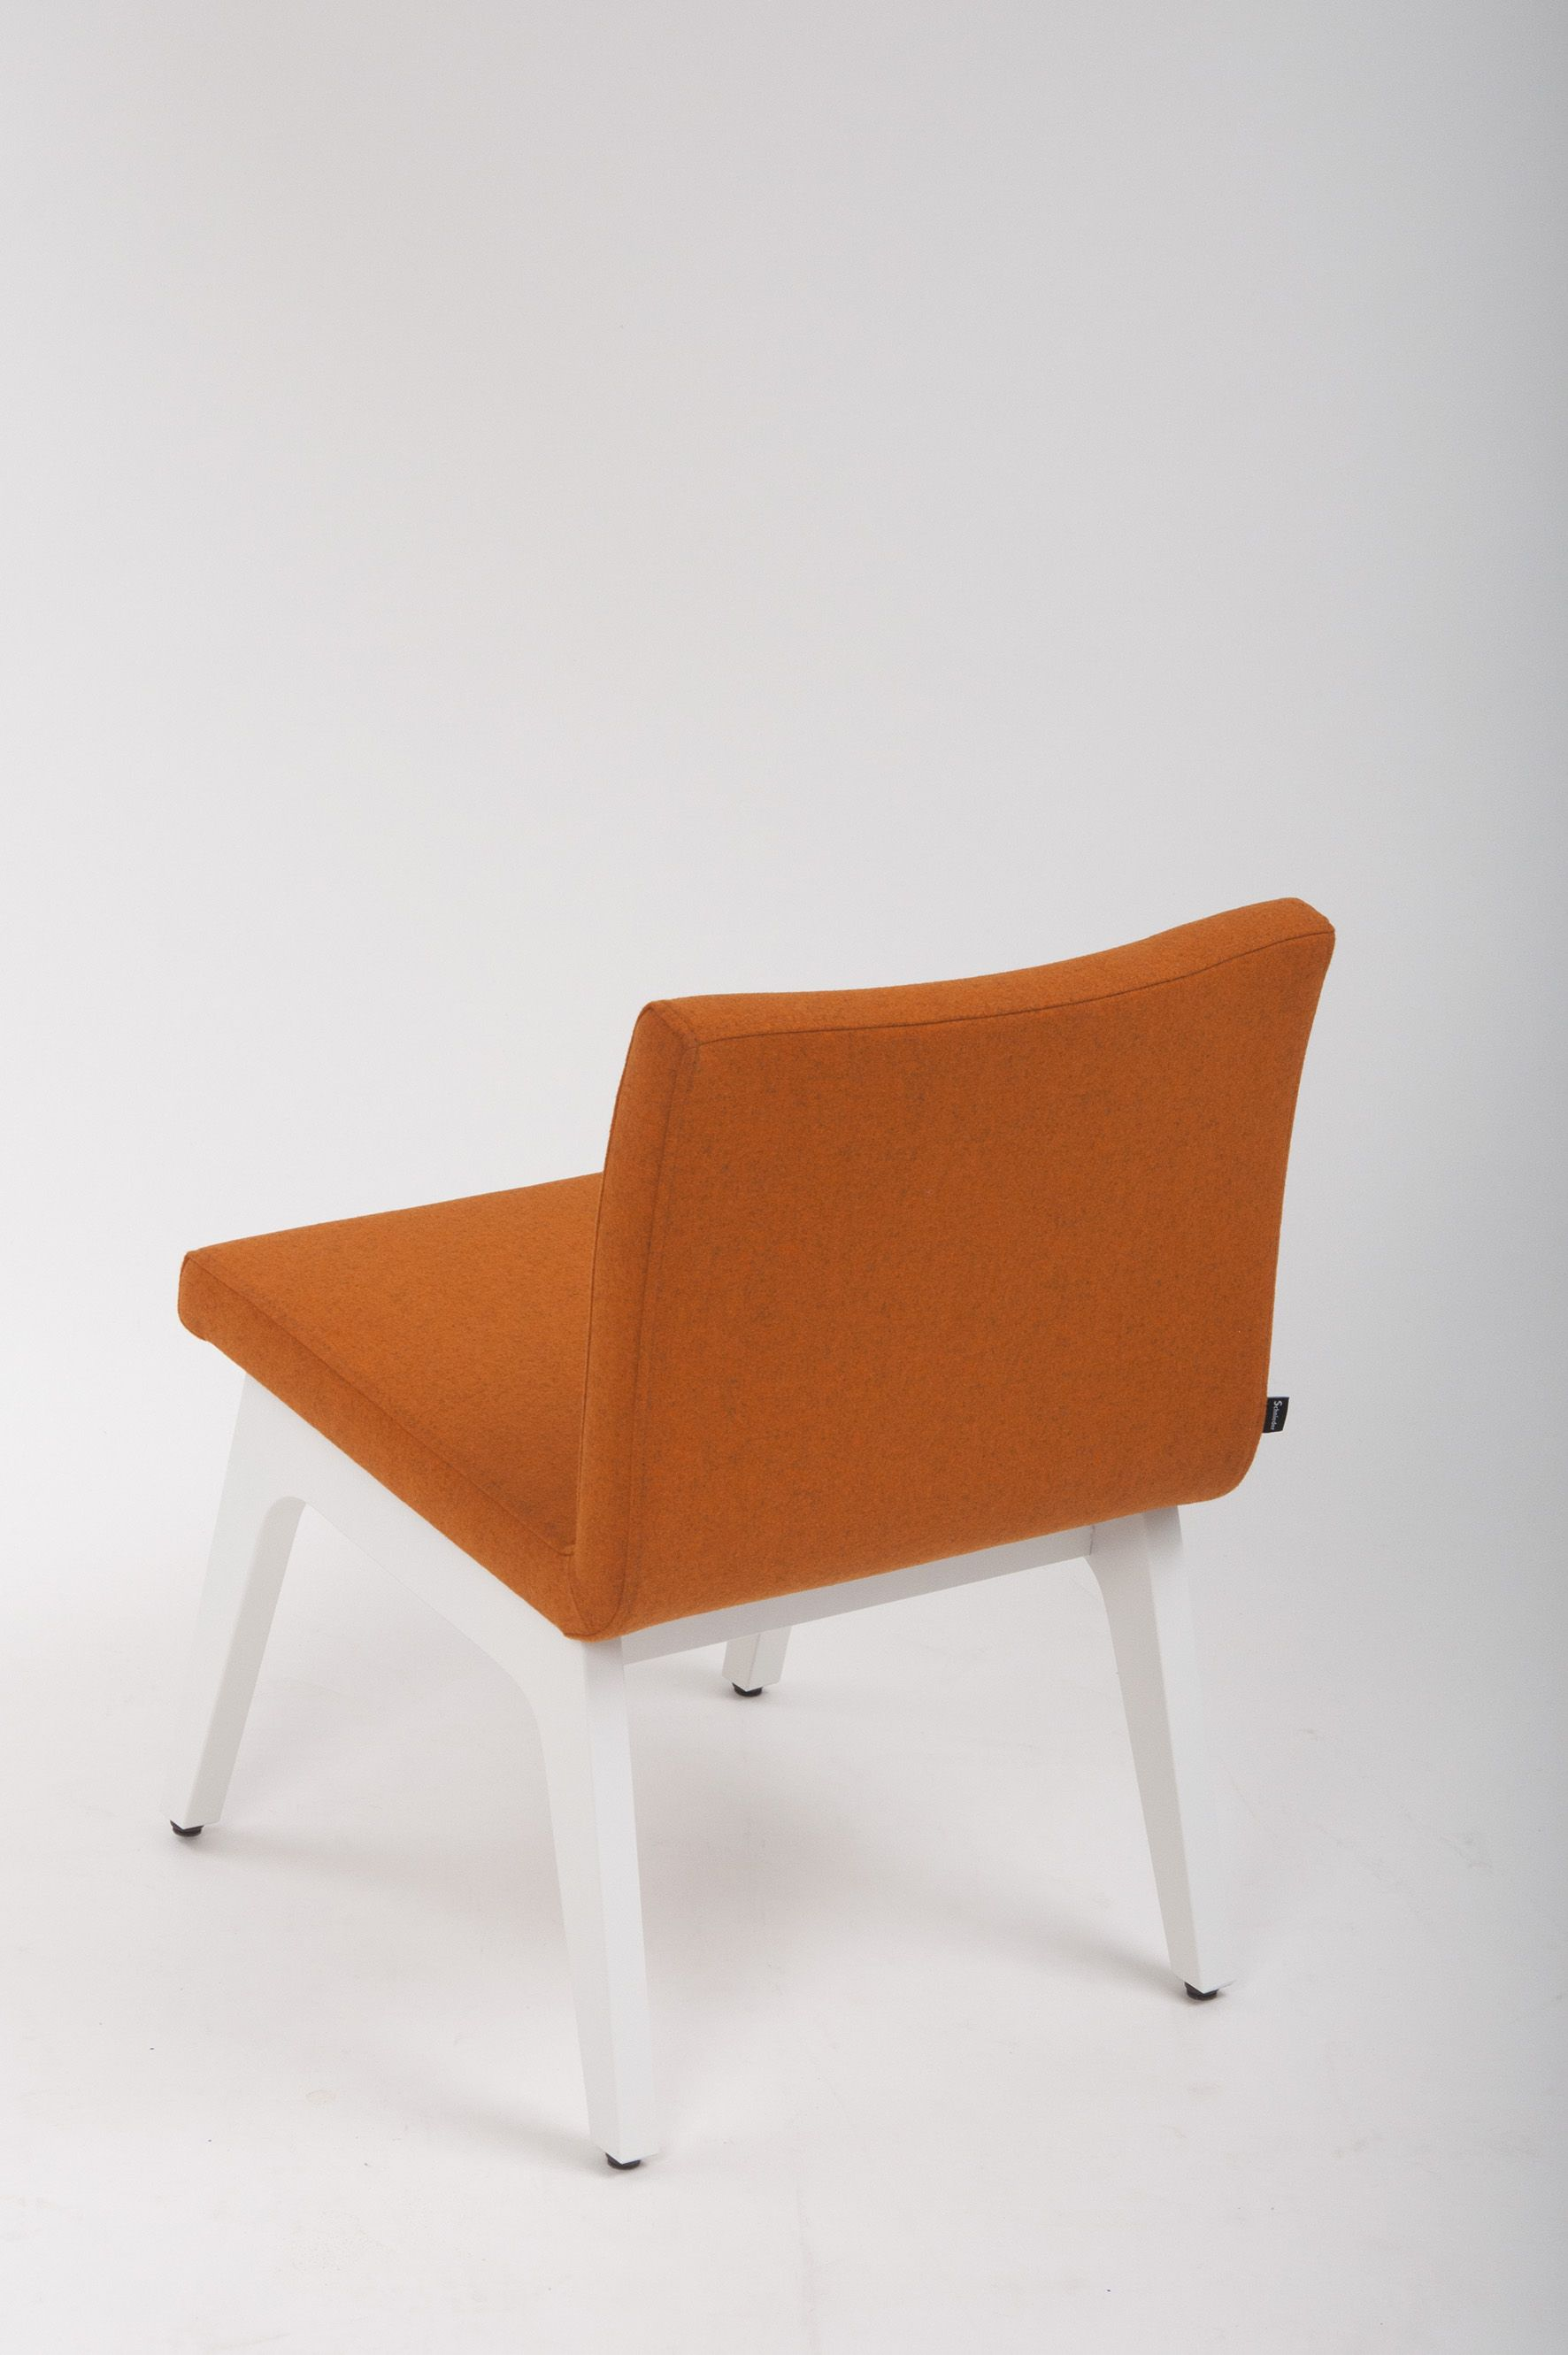 html gastronomie mobel bestuhlung funktional lounge mobel sitzen sessel tisch